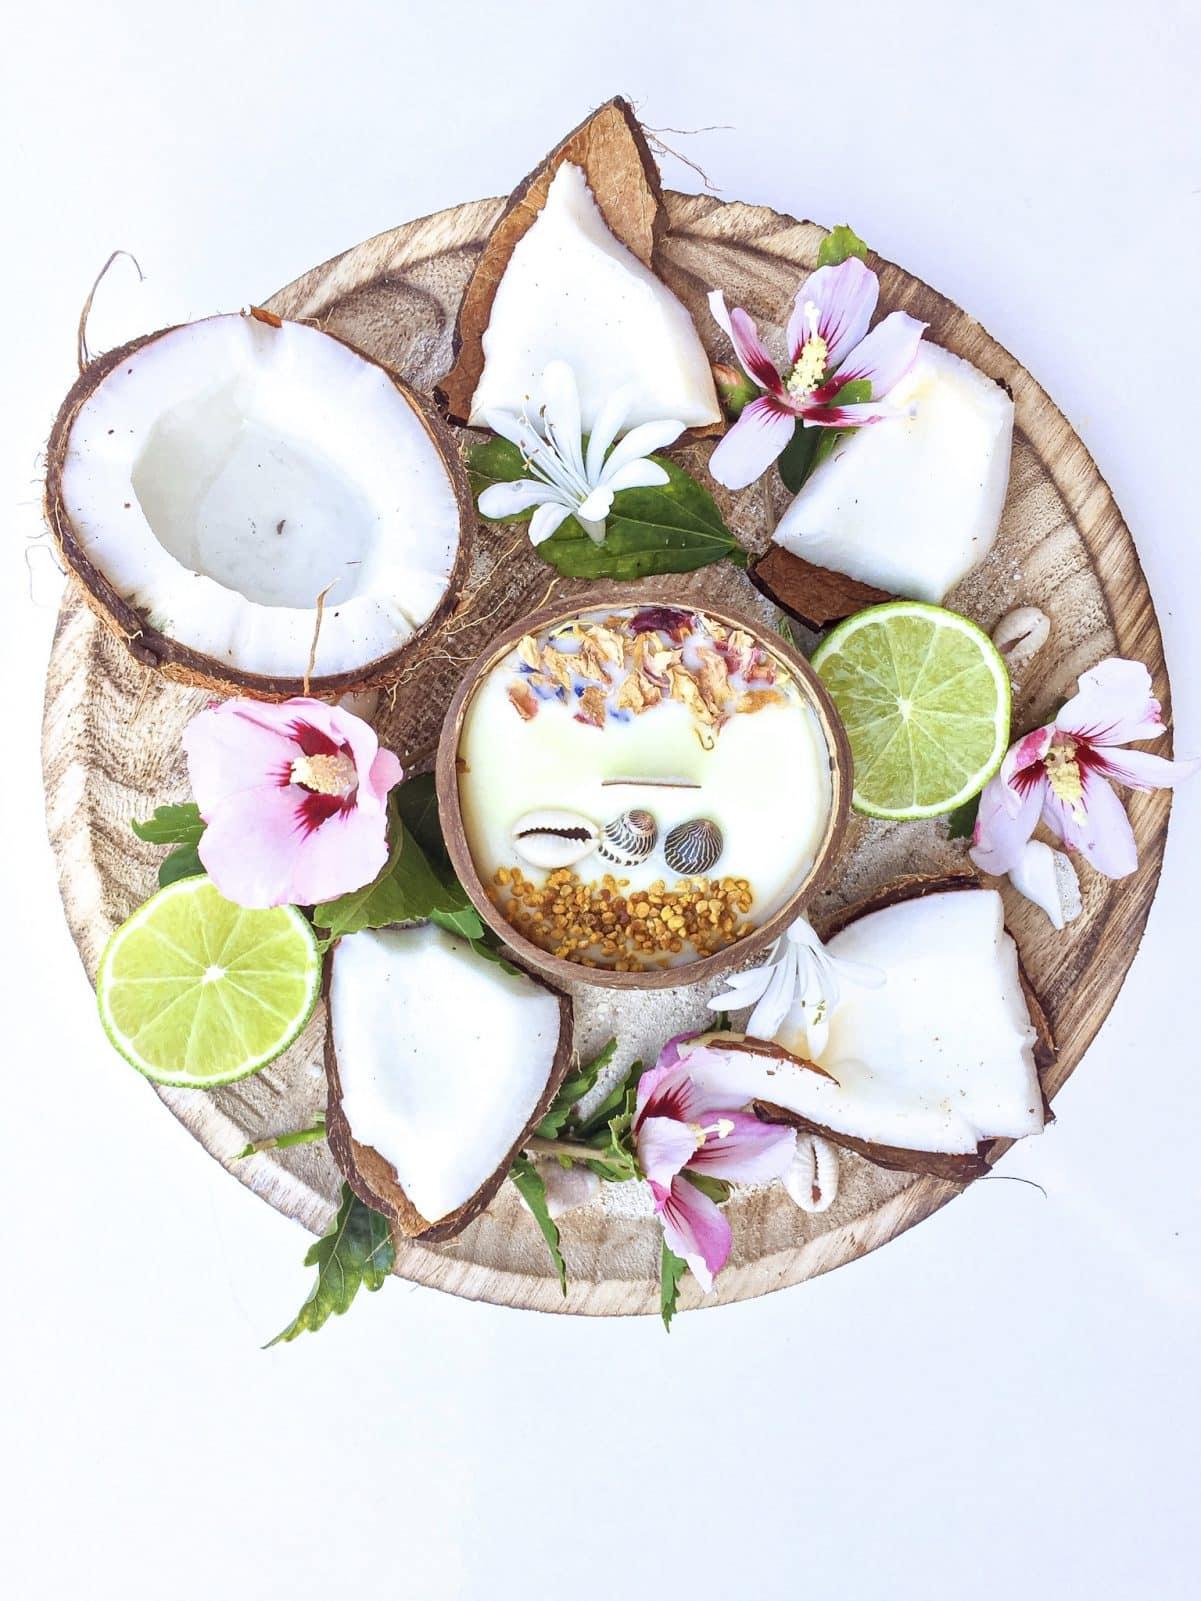 Bougie Coconut dans une coque de noix de coco